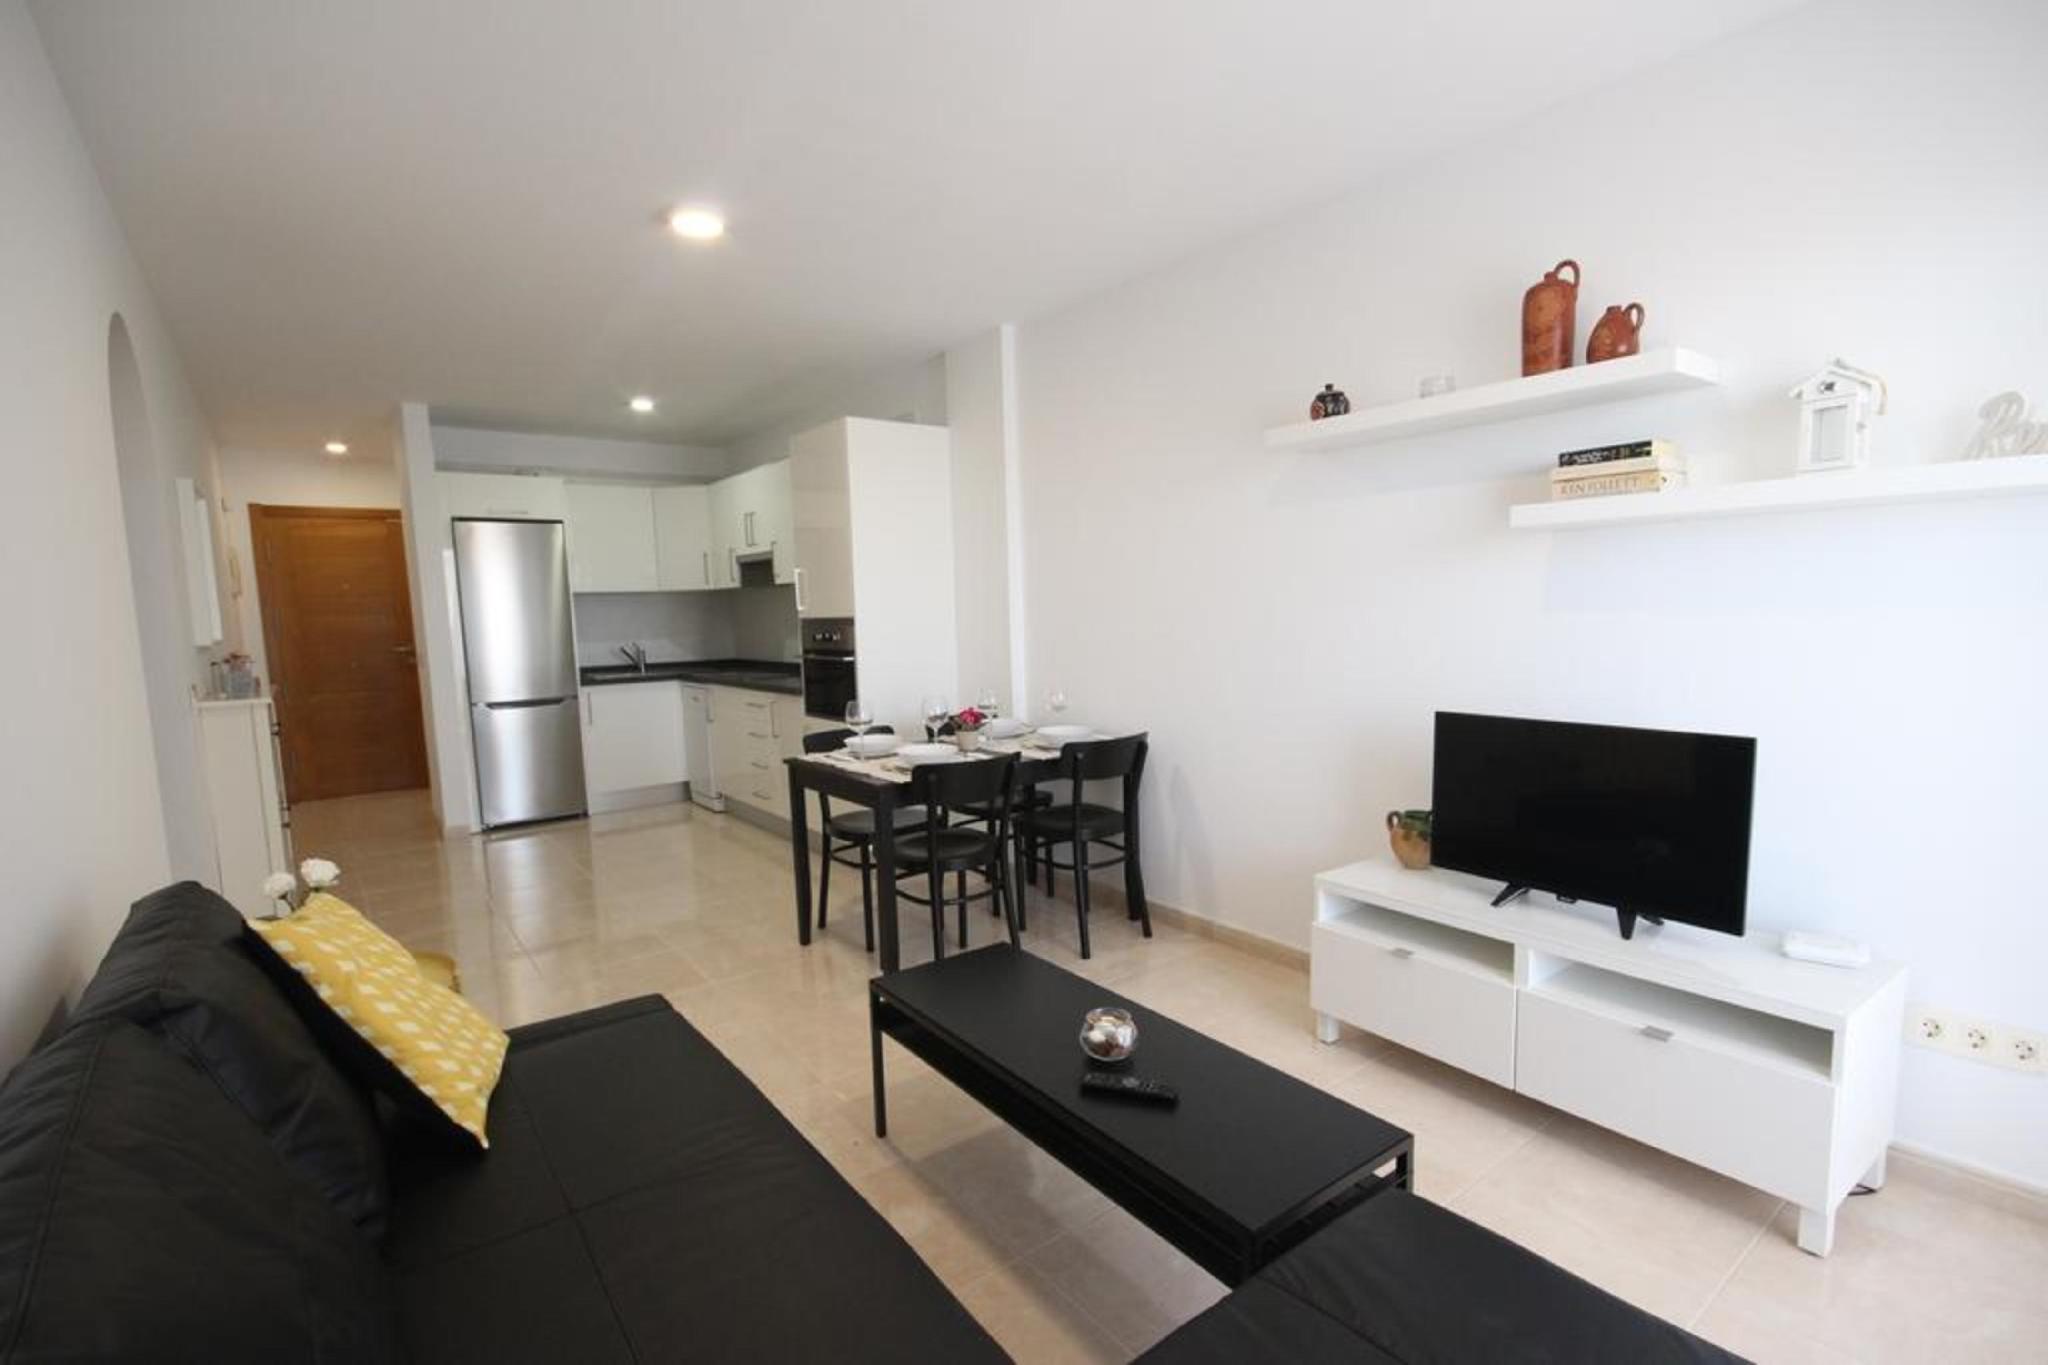 107117 - Apartment in El Medano